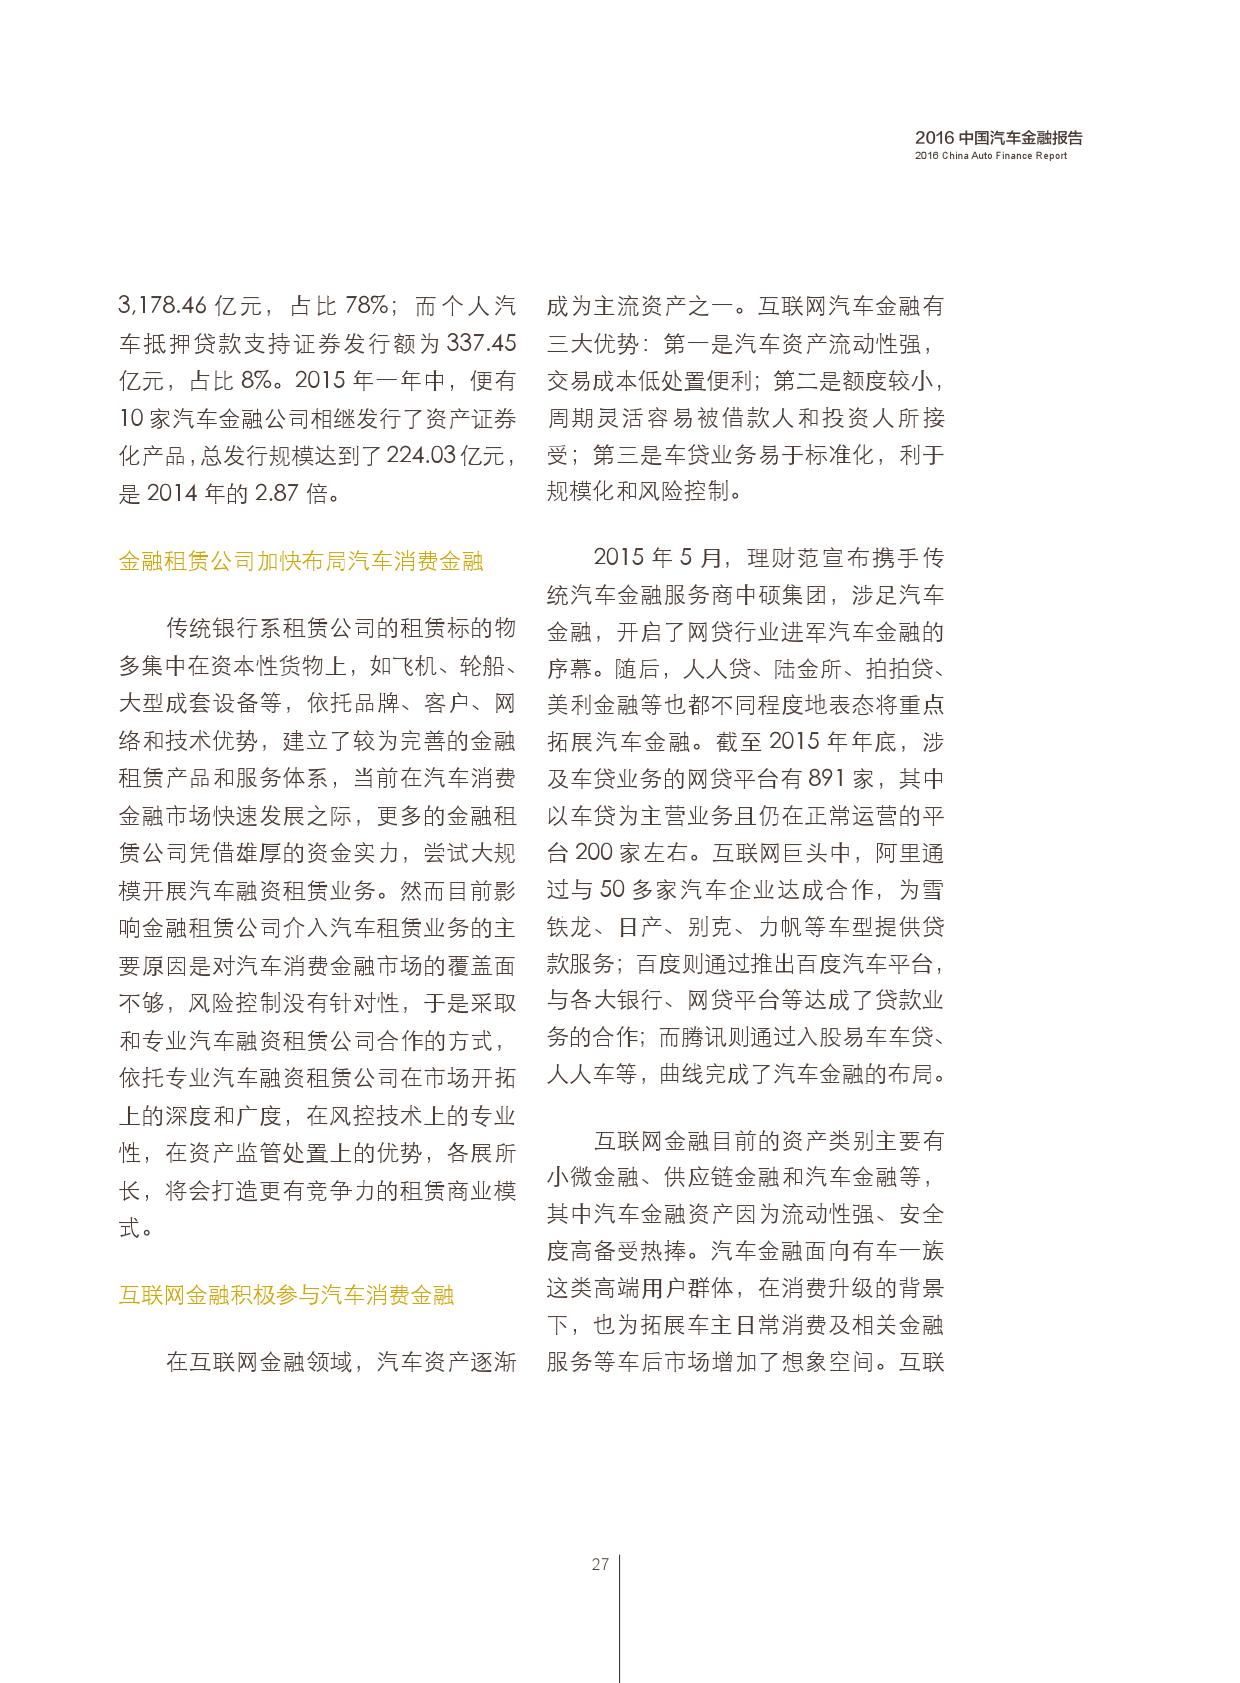 2016中国汽车金融报告_000028